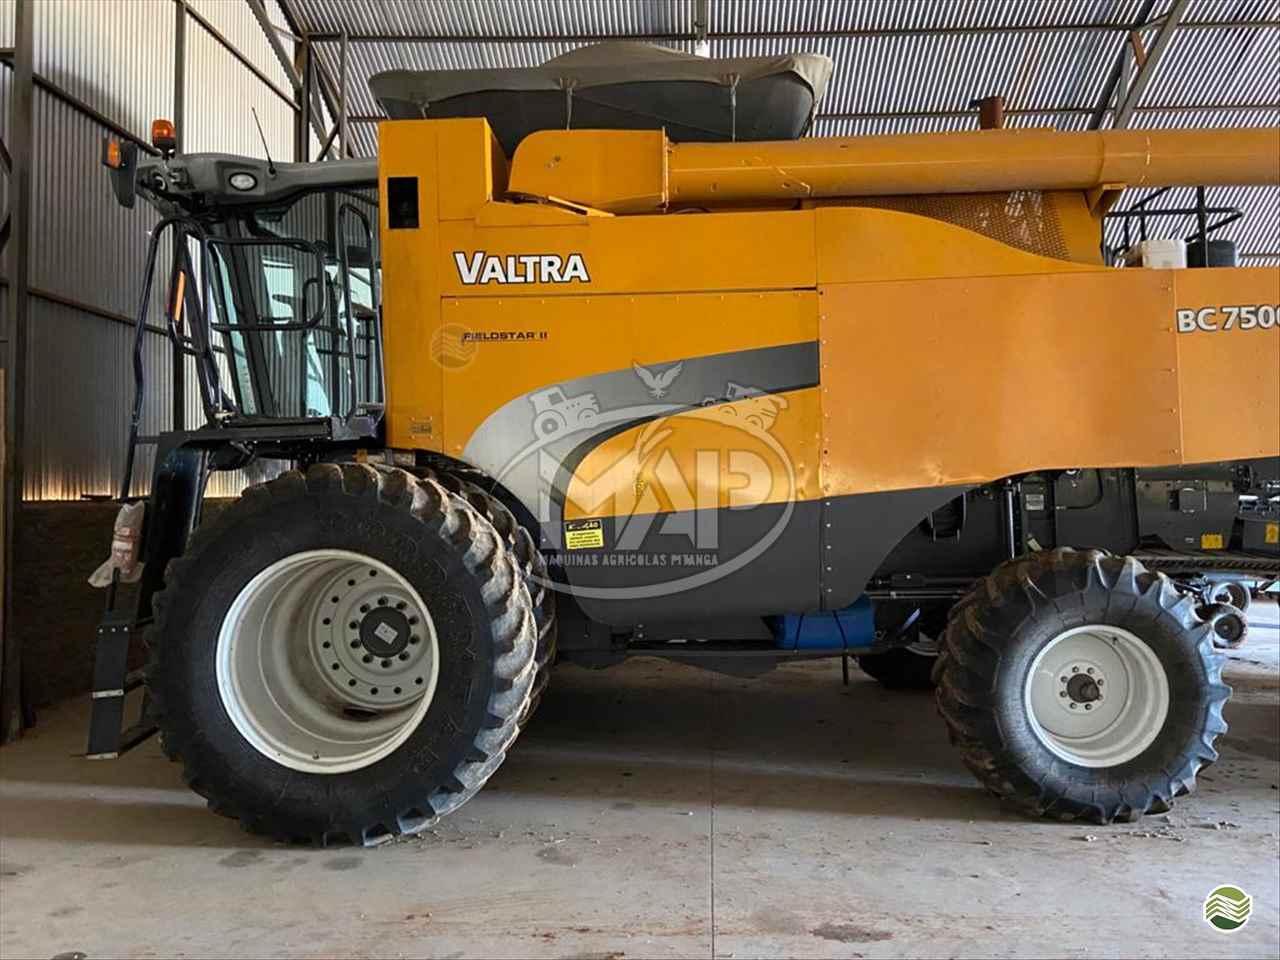 VALTRA BC 7500 de Máquinas Agrícolas Pitanga - PITANGA/PR